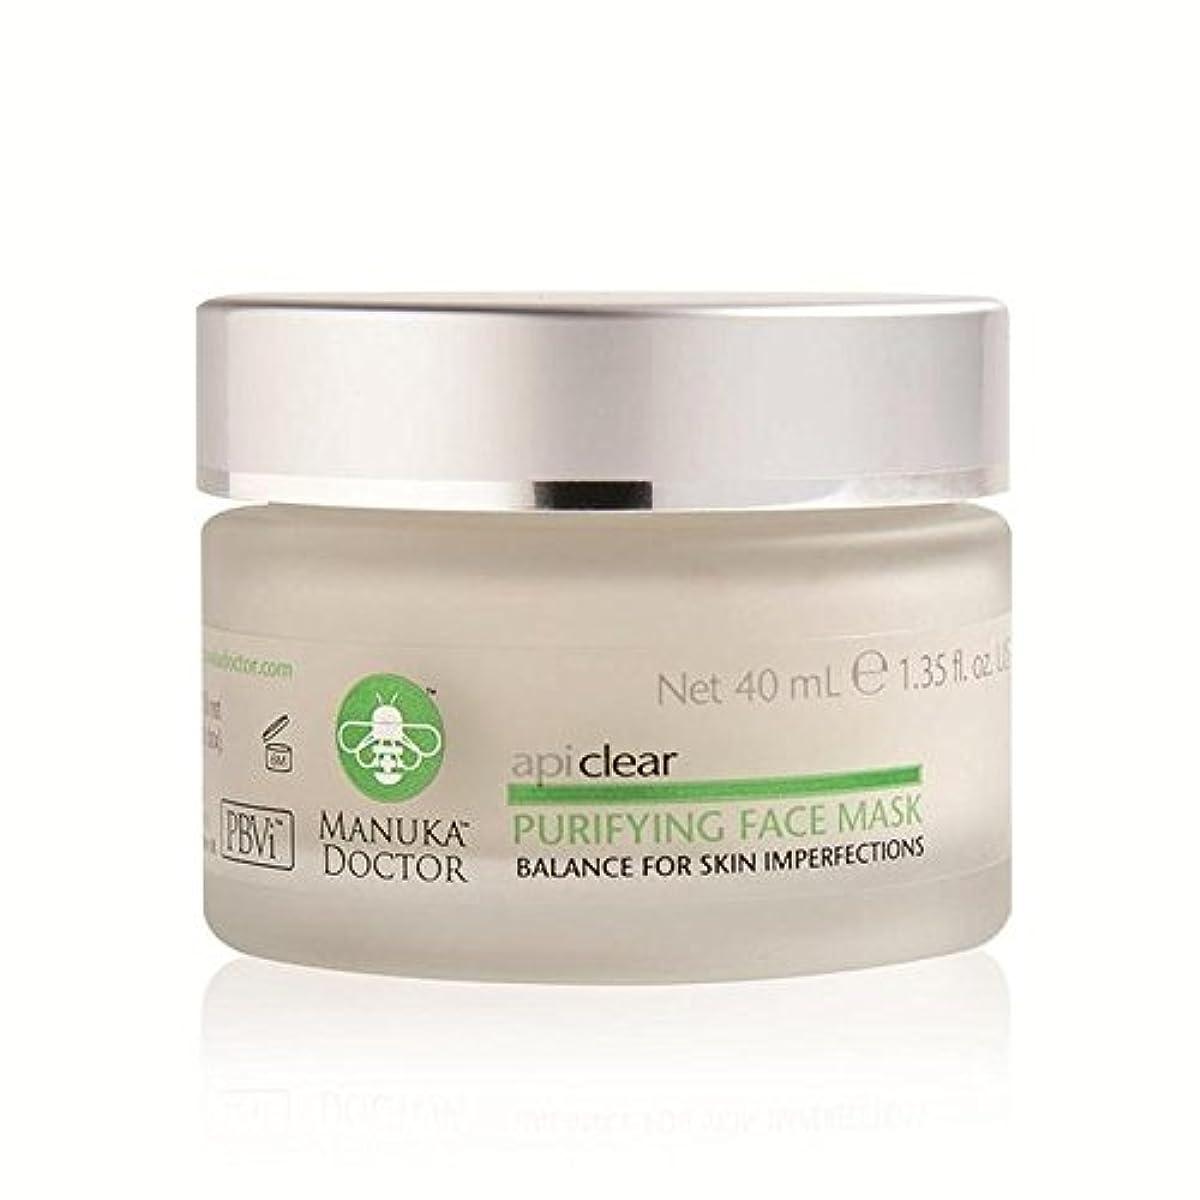 筋肉の散るぶどうManuka Doctor Api Clear Purifying Face Mask 40ml - マヌカドクター明確な浄化フェイスマスク40ミリリットル [並行輸入品]